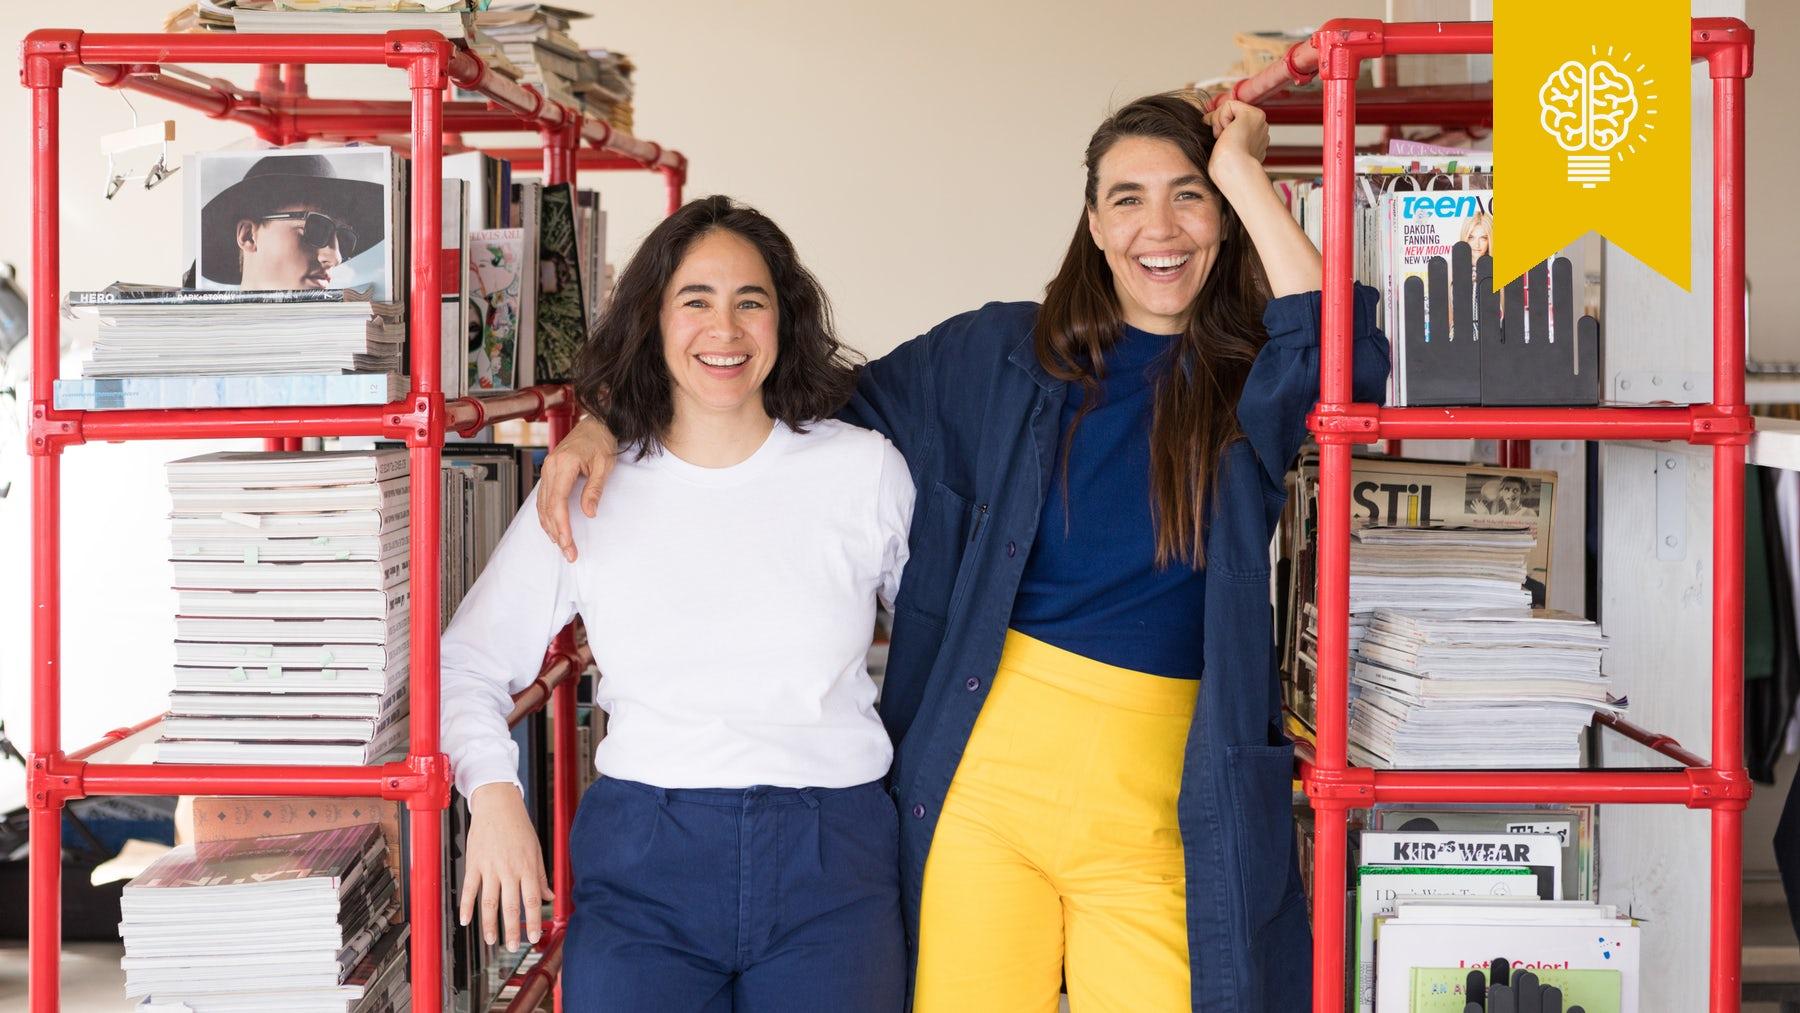 Everybody.World founders Carolina Crespo and Iris Alonzo | Photo: Laure Joliet